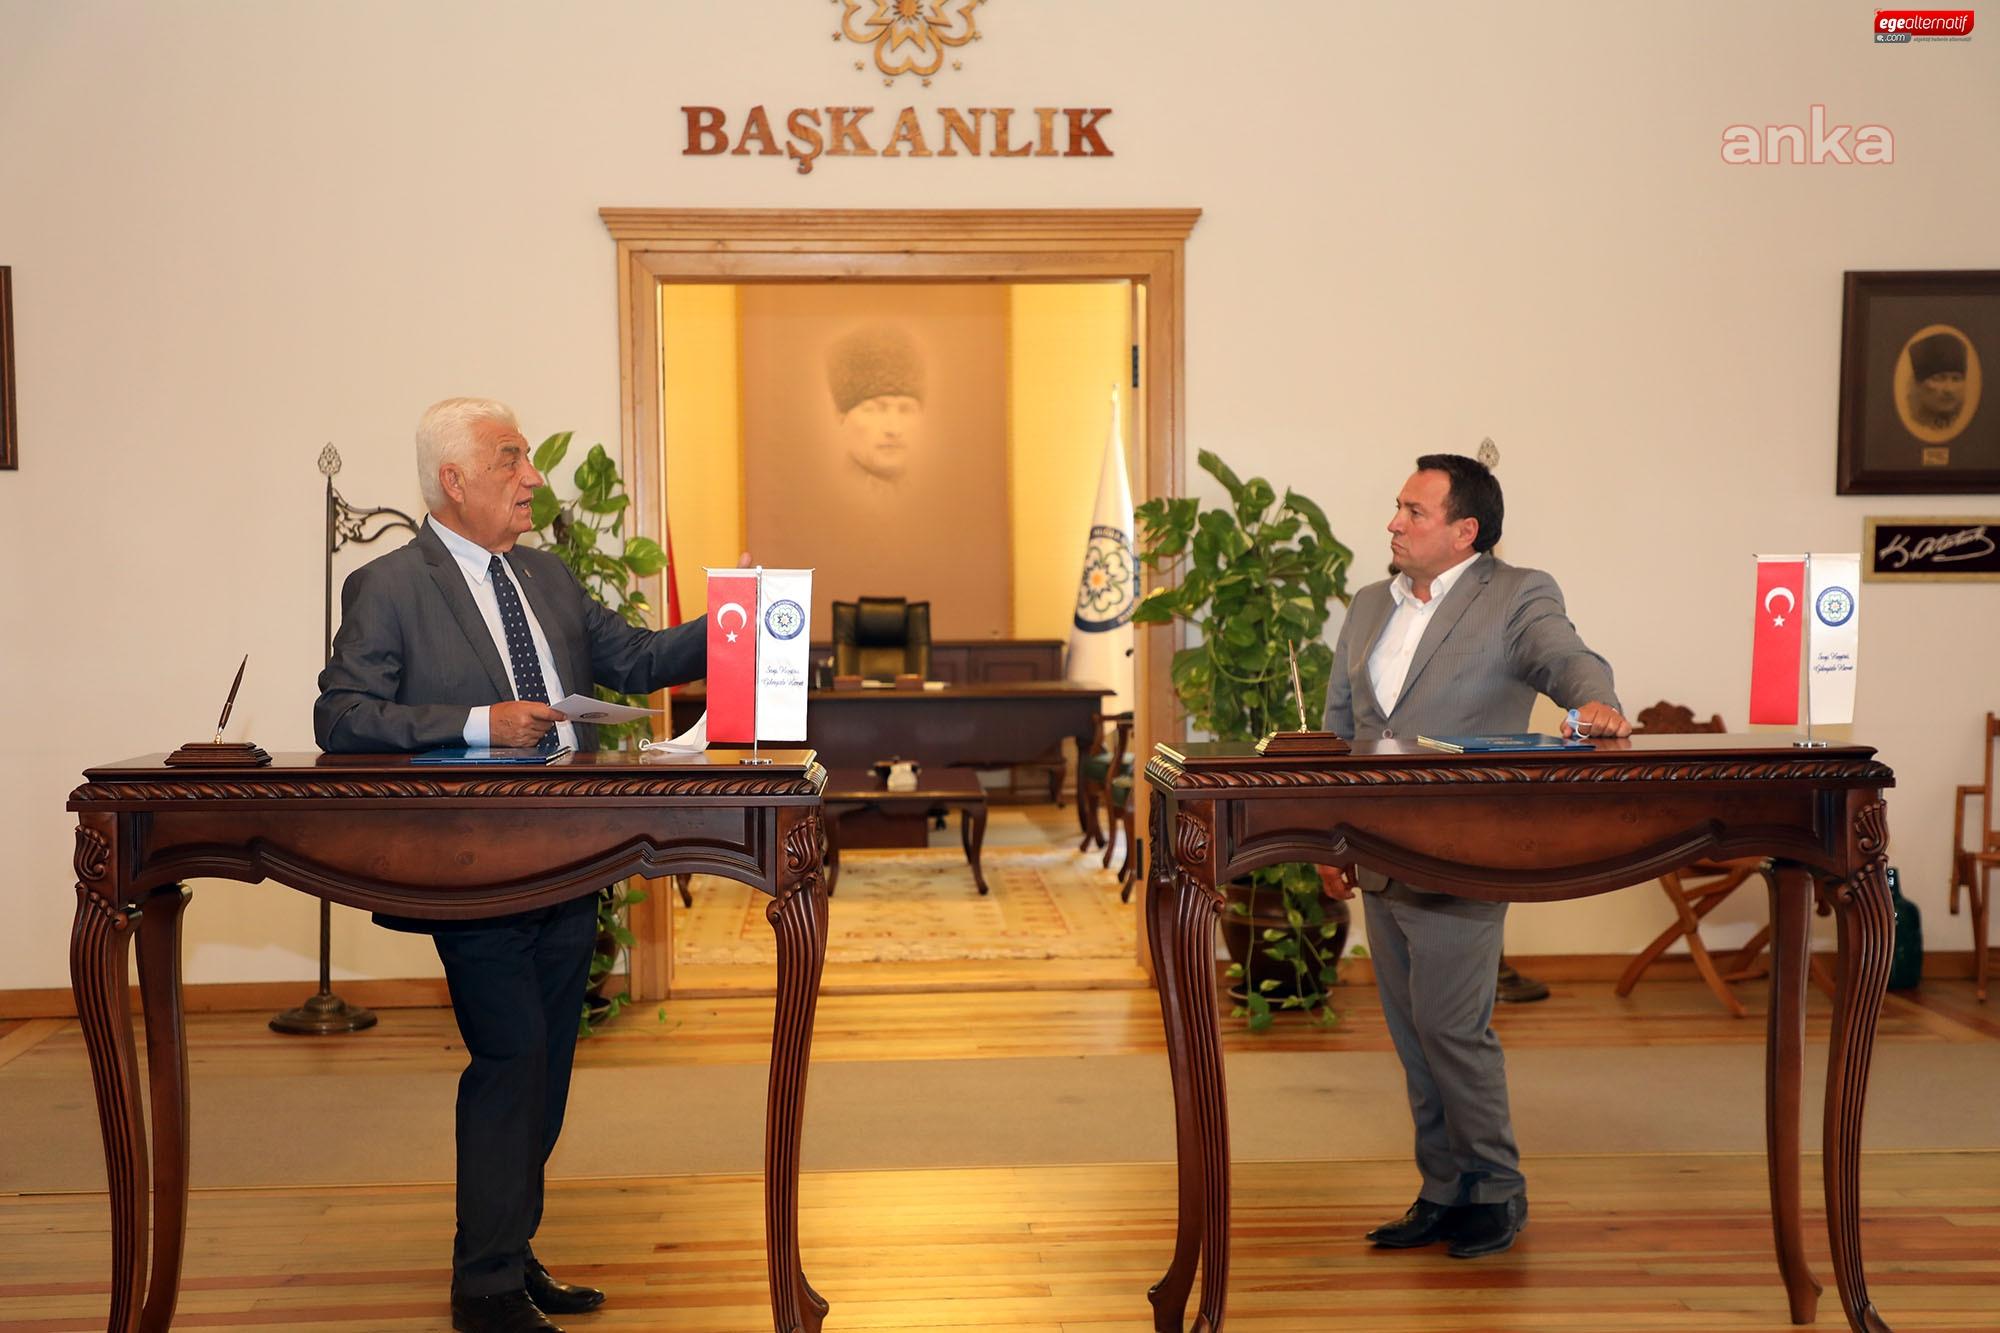 Muğla Büyükşehir'den Fethiye'ye 54 milyonluk yatırım daha